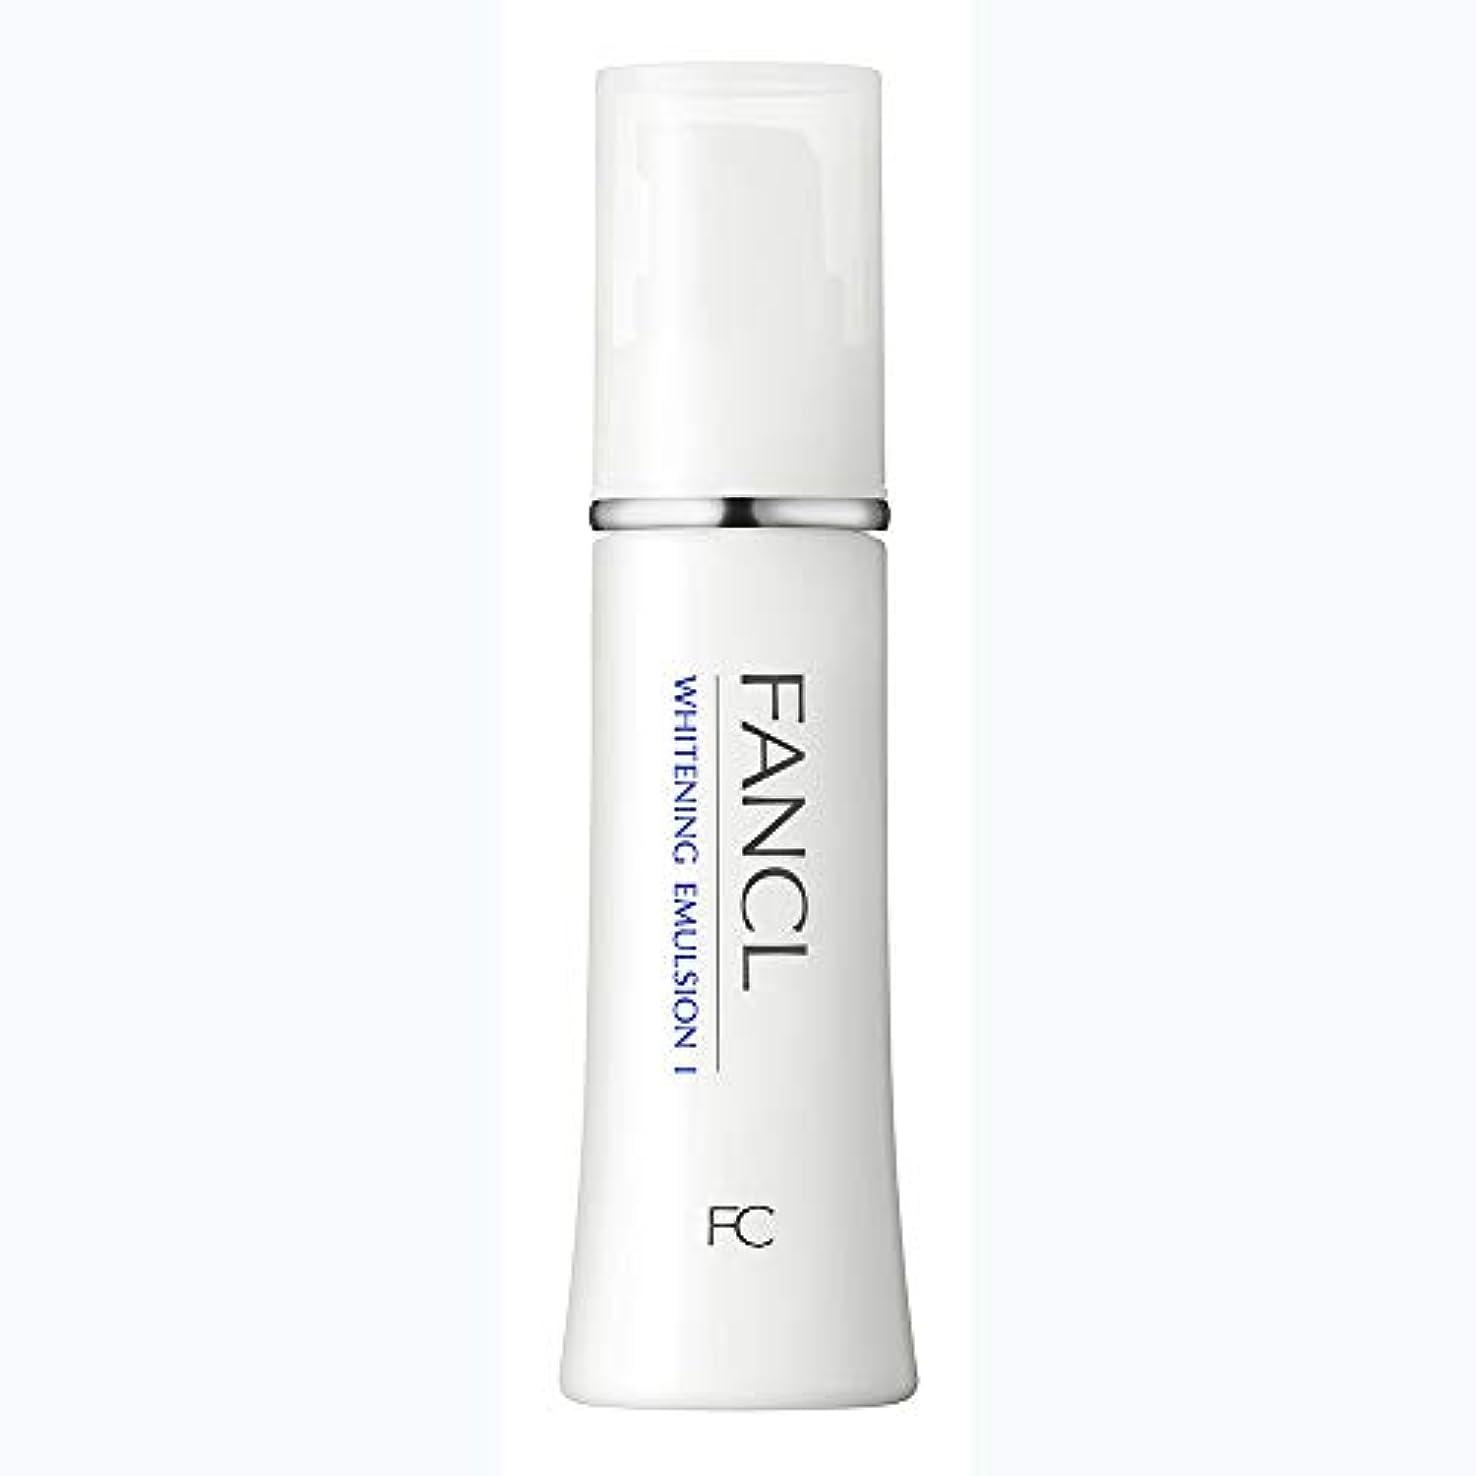 ブート怠感時間ファンケル(FANCL) 新ホワイトニング 乳液 I さっぱり 1本 30mL<医薬部外品>